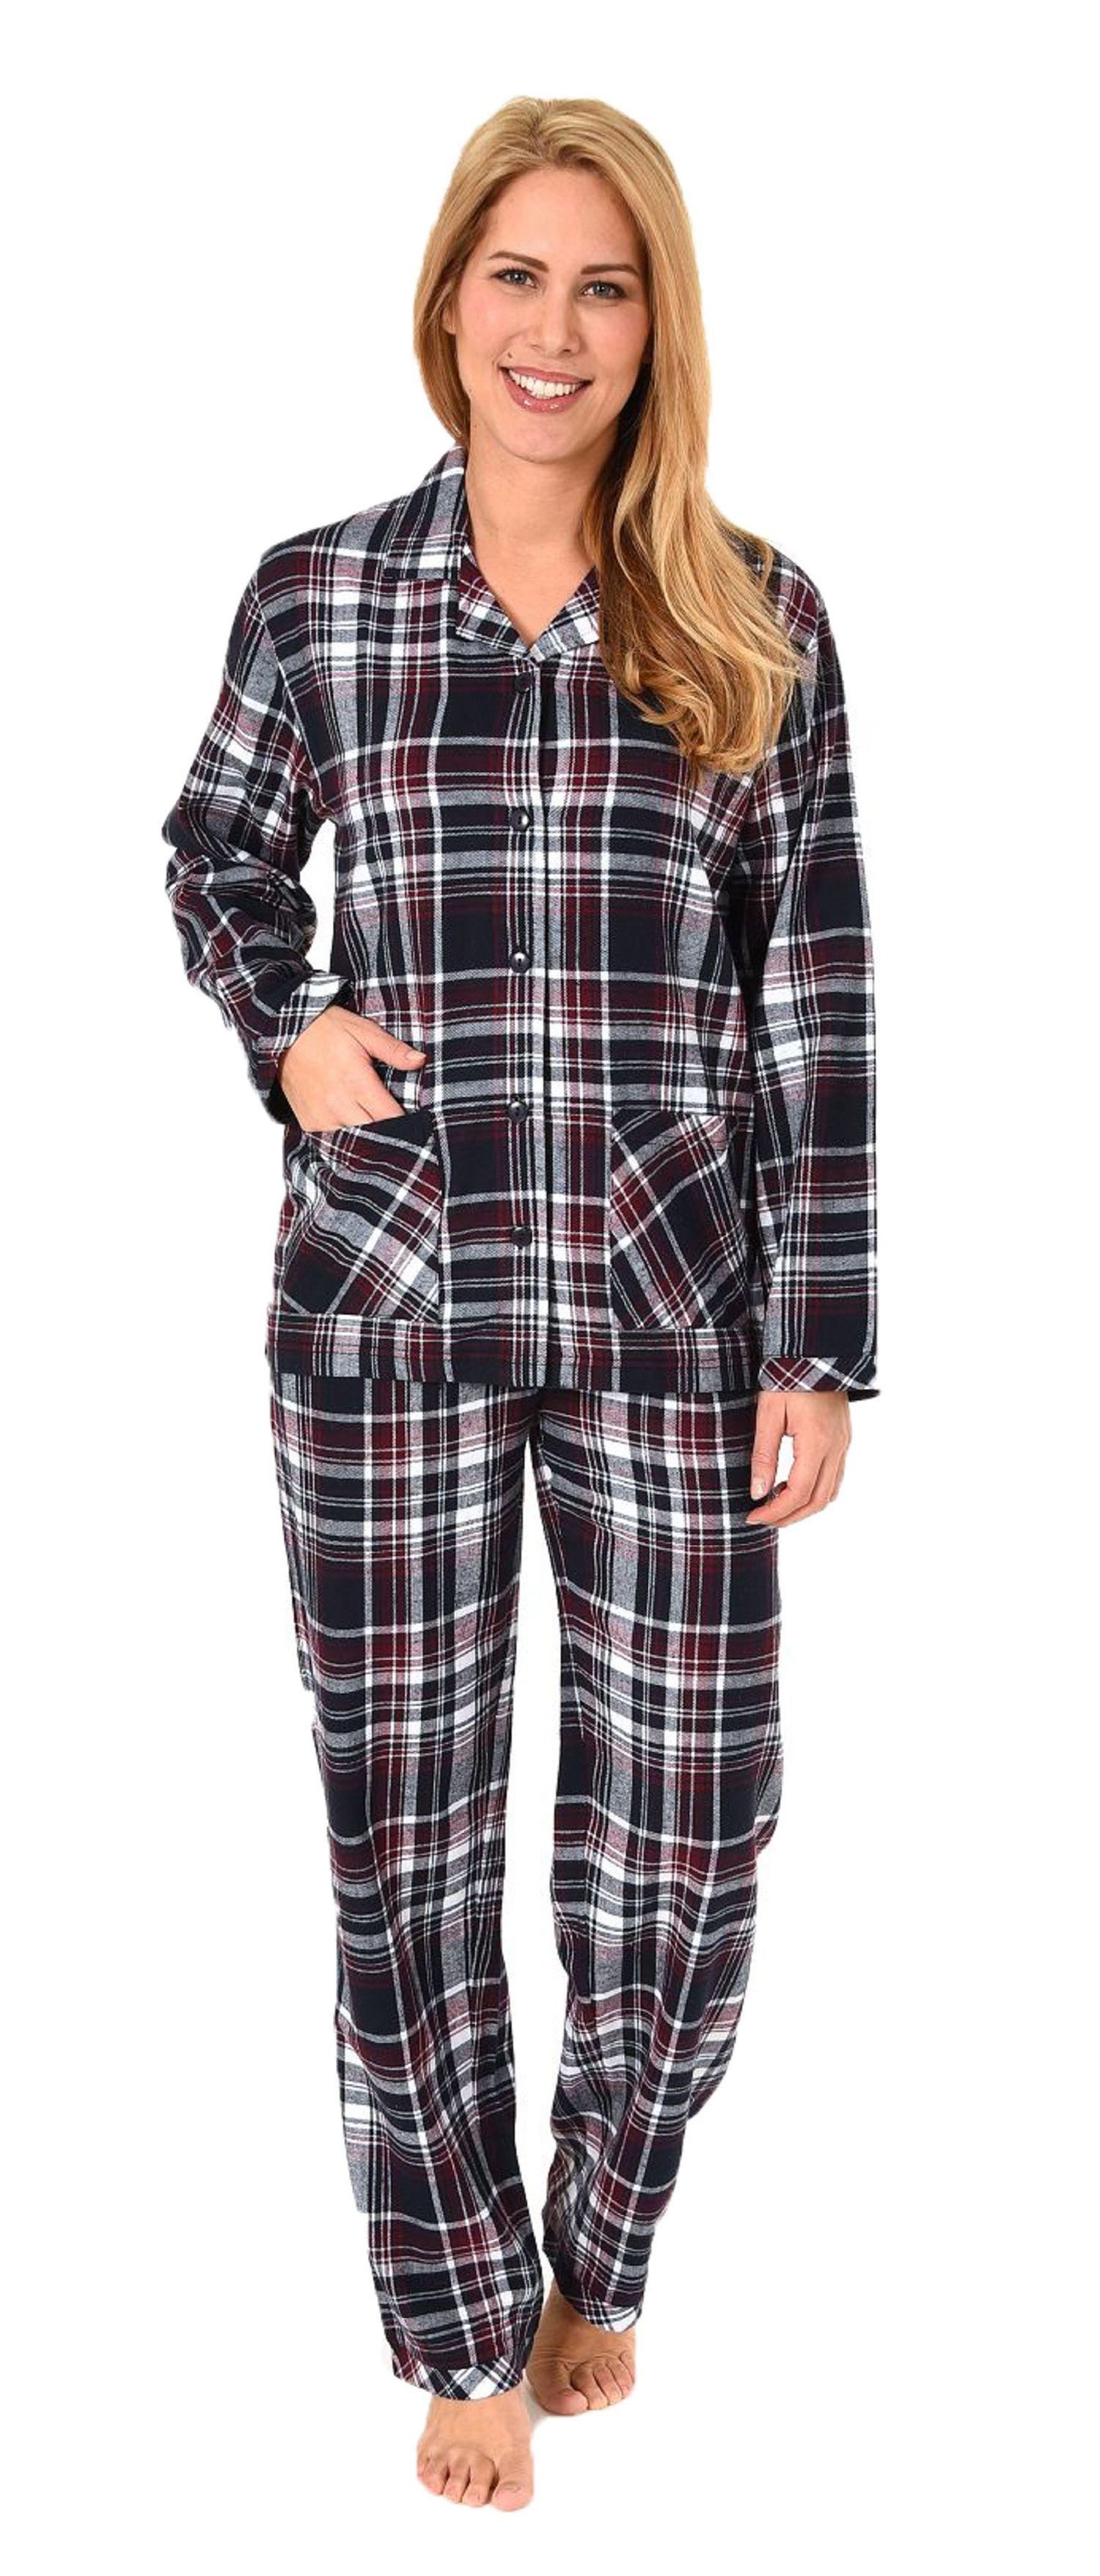 Damen Flanell Pyjama Schlafanzug kariert –- auch in Übergrössen - 281 201 95 247